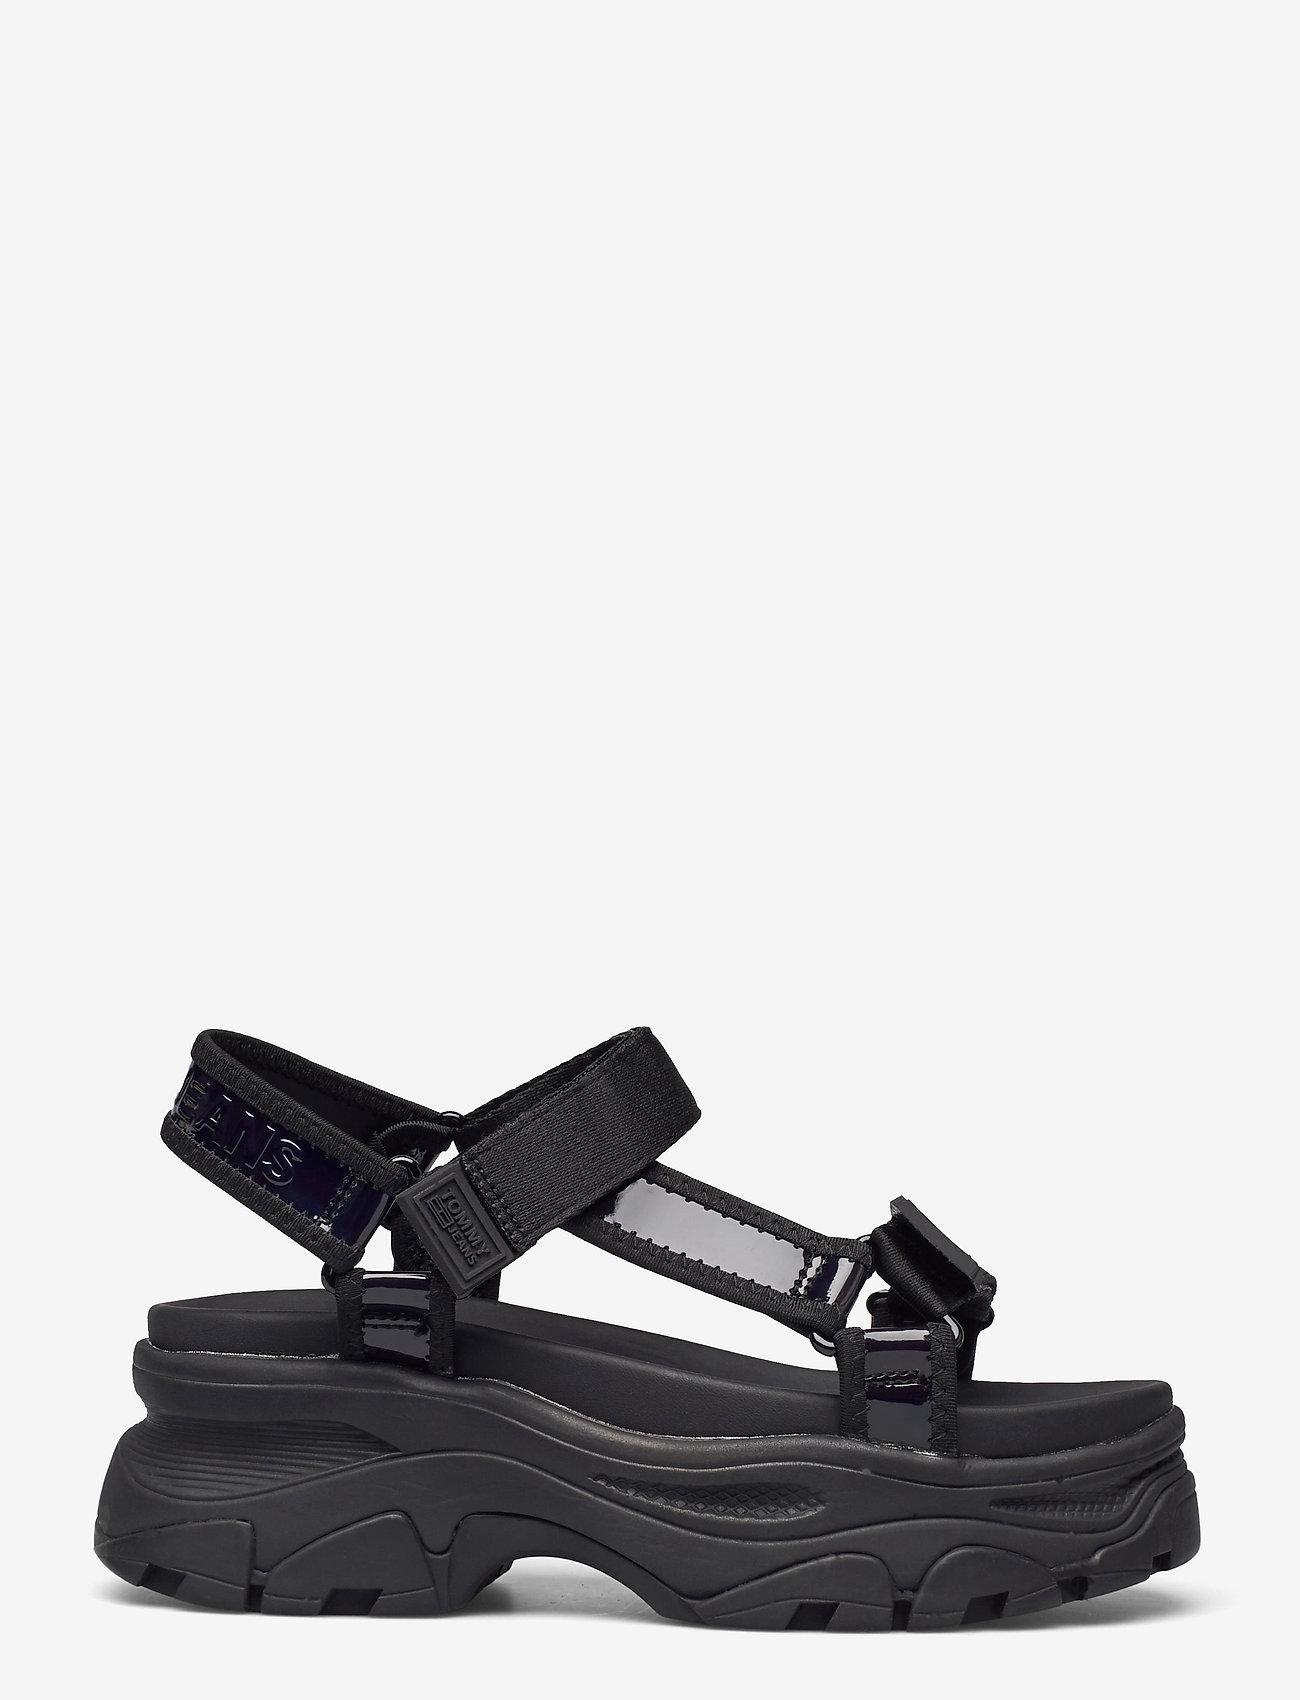 Tommy Hilfiger - IRIDESCENT HYBRID SANDAL - flat sandals - black - 1